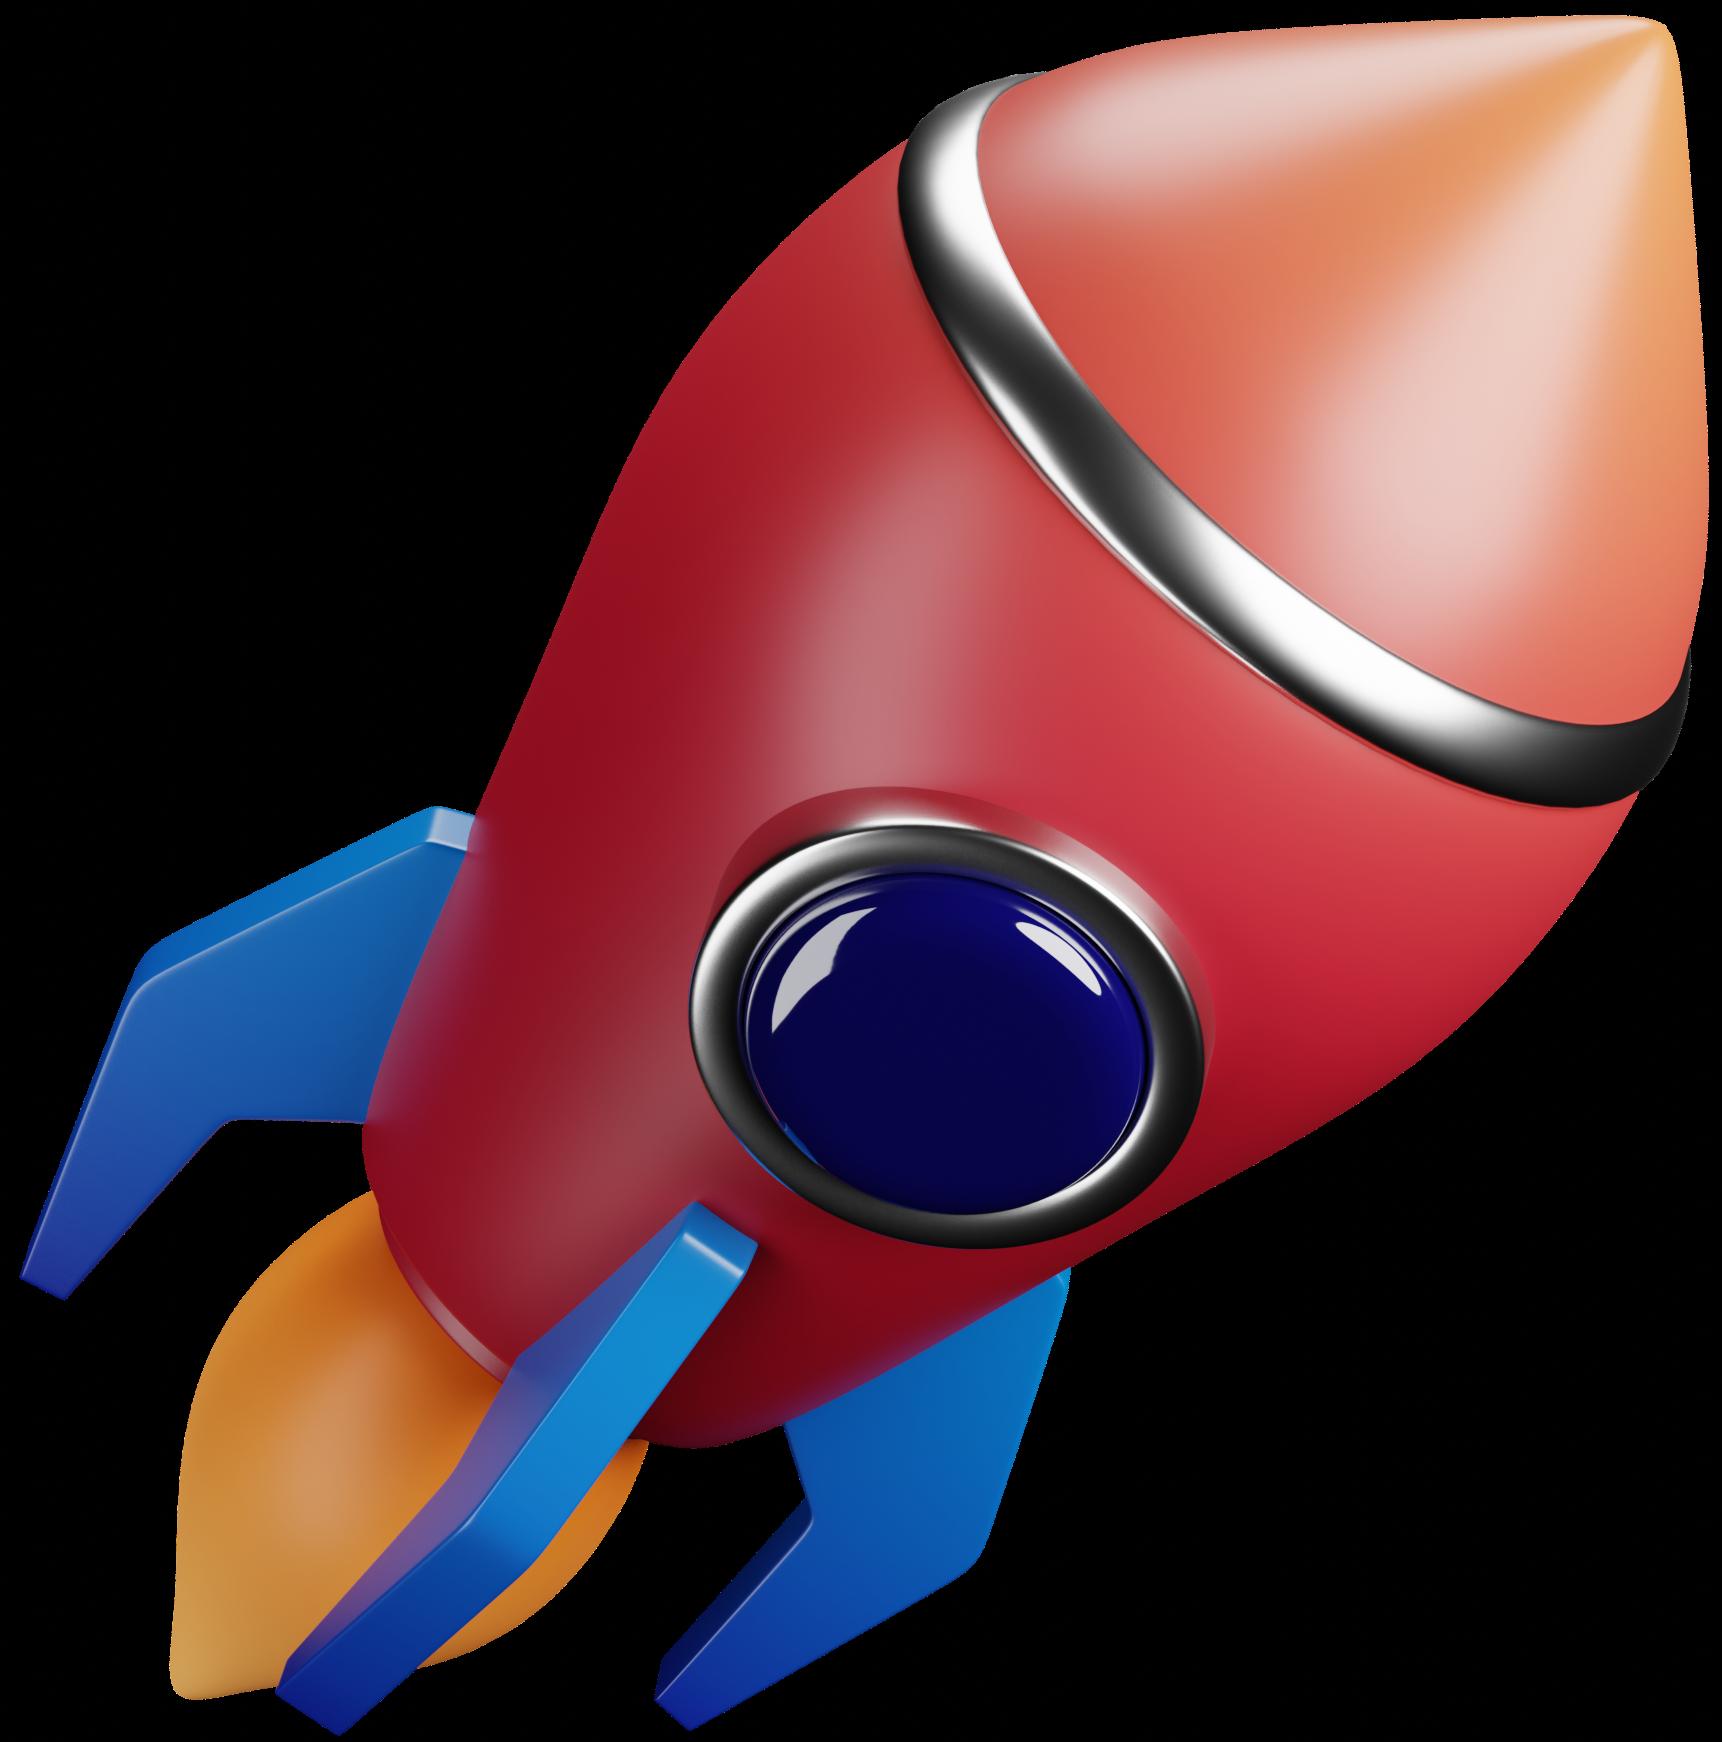 Rocket dynamic color